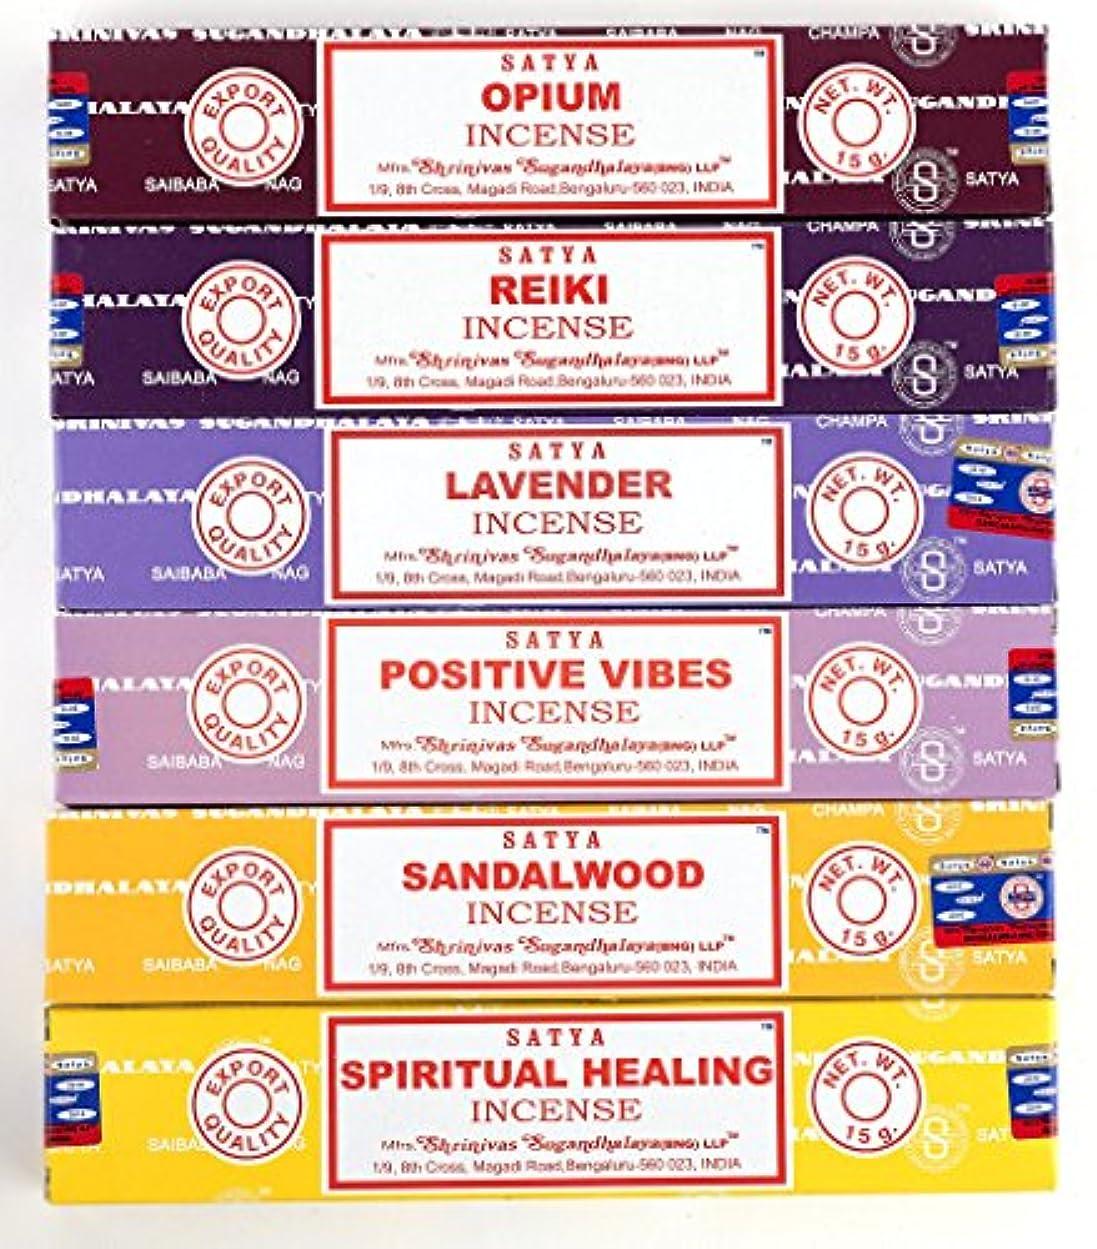 官僚傷つけるお酢Nag Champa 6 Piece Variety Pack – Opium、レイキ、ラベンダー、Positive Vibes、サンダルウッド、Spiritual Healing